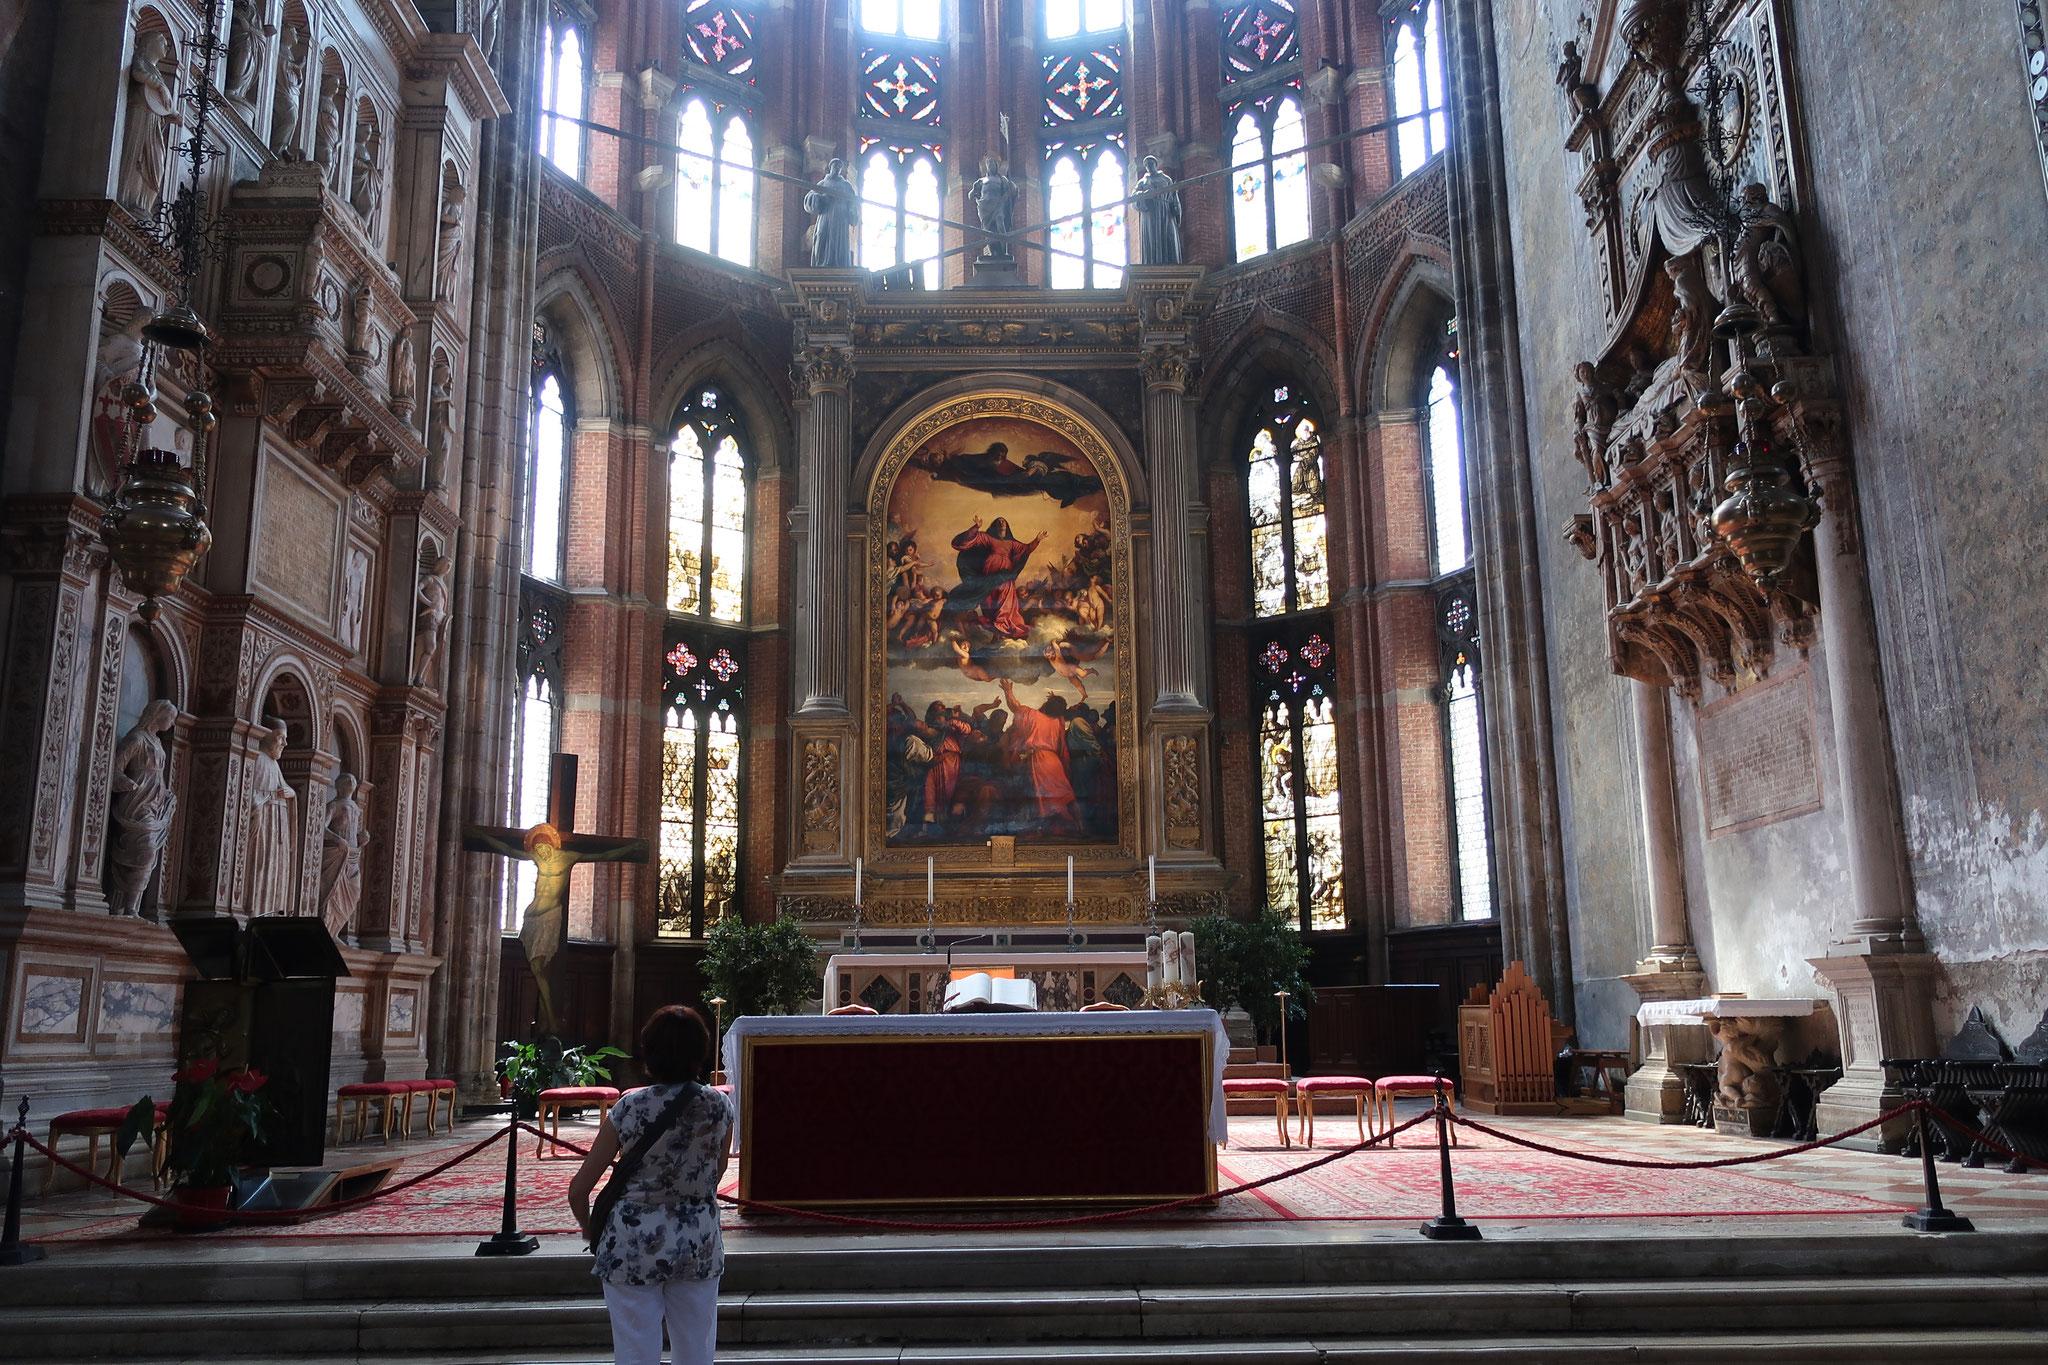 「聖母被昇天Assunta」 ティツィアーノの代表作